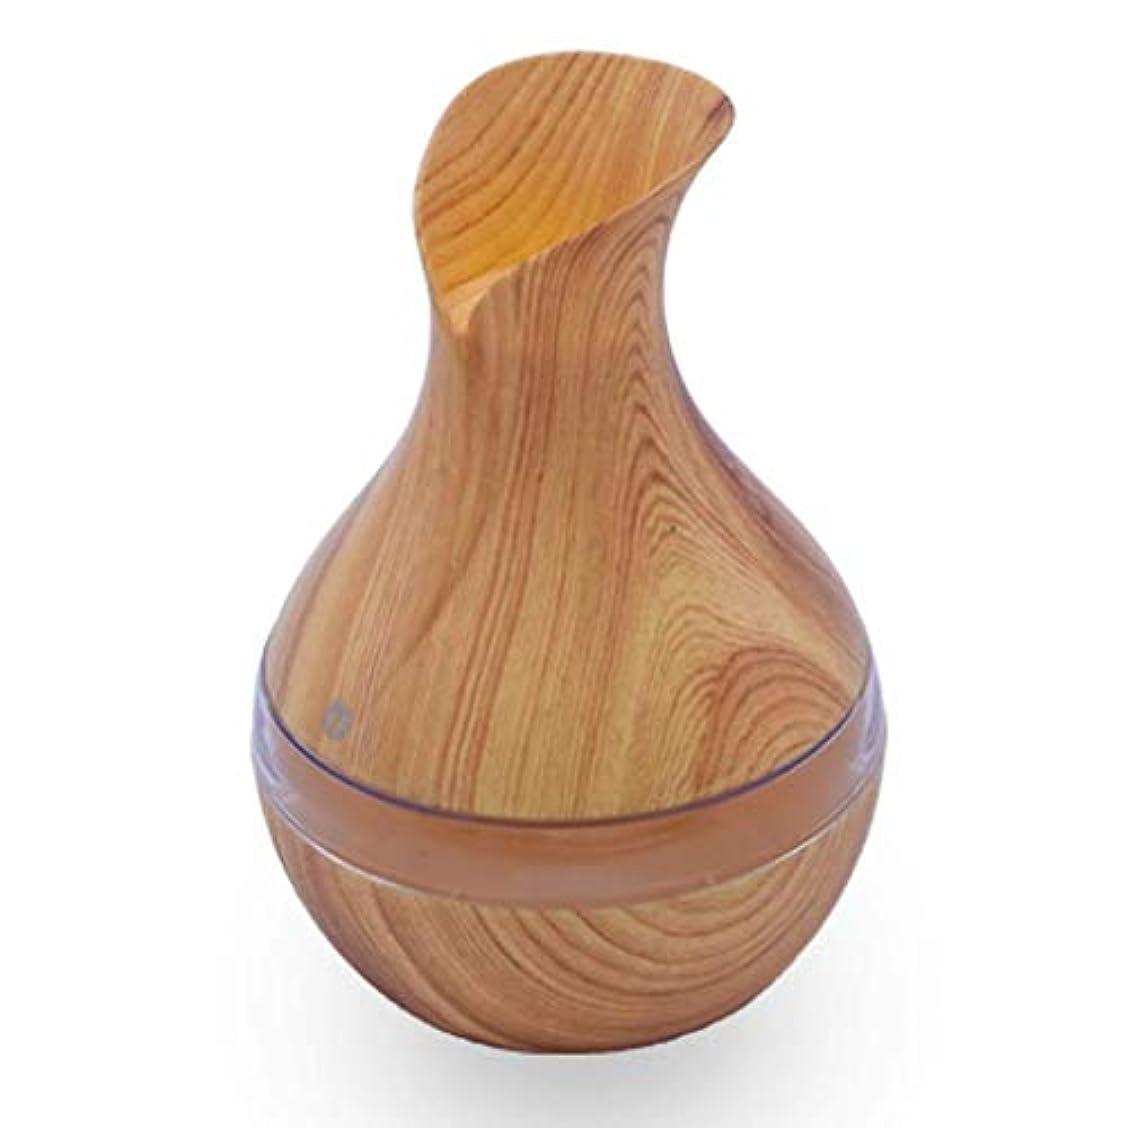 内陸打撃あえぎオイルディフューザーエッセンシャルオイル300ミリリットルエッセンシャルオイルディフューザー電気超音波加湿器アロマウォーターレスオートオフ空気清浄機 (Color : Light Wood Grain)